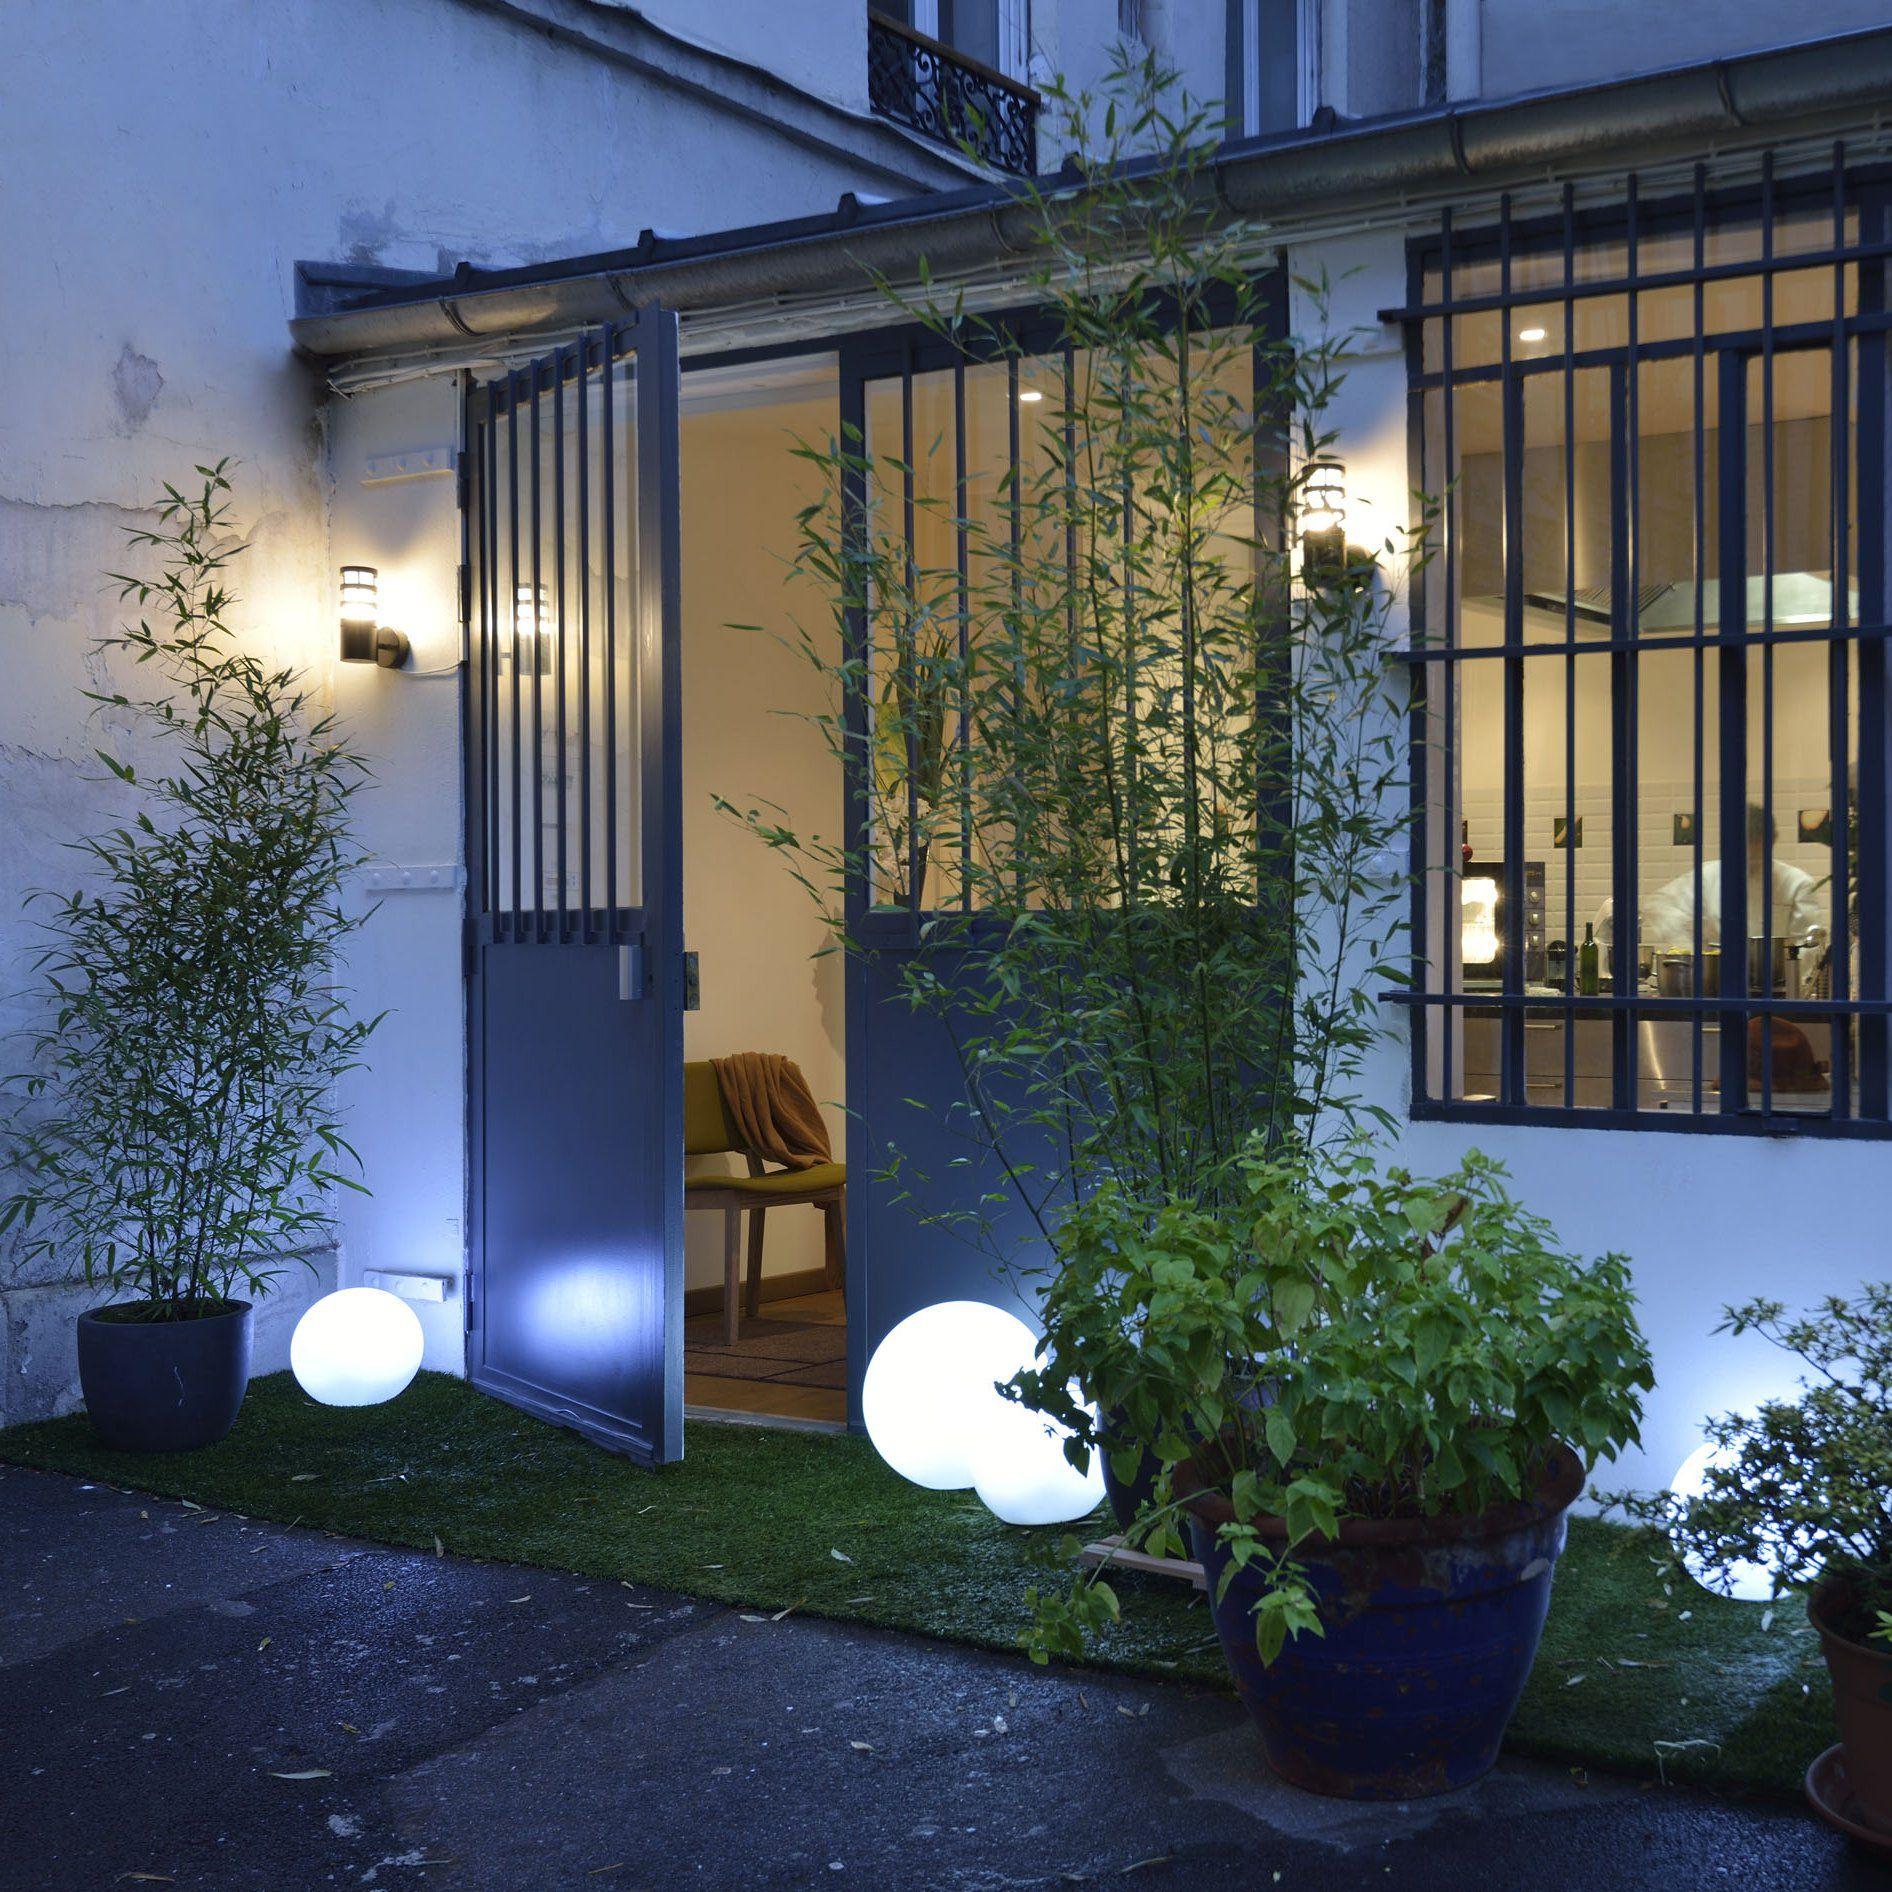 Lights The Garage London: L'Atelier De Martial : Le Chef Nous Invite Chez Lui